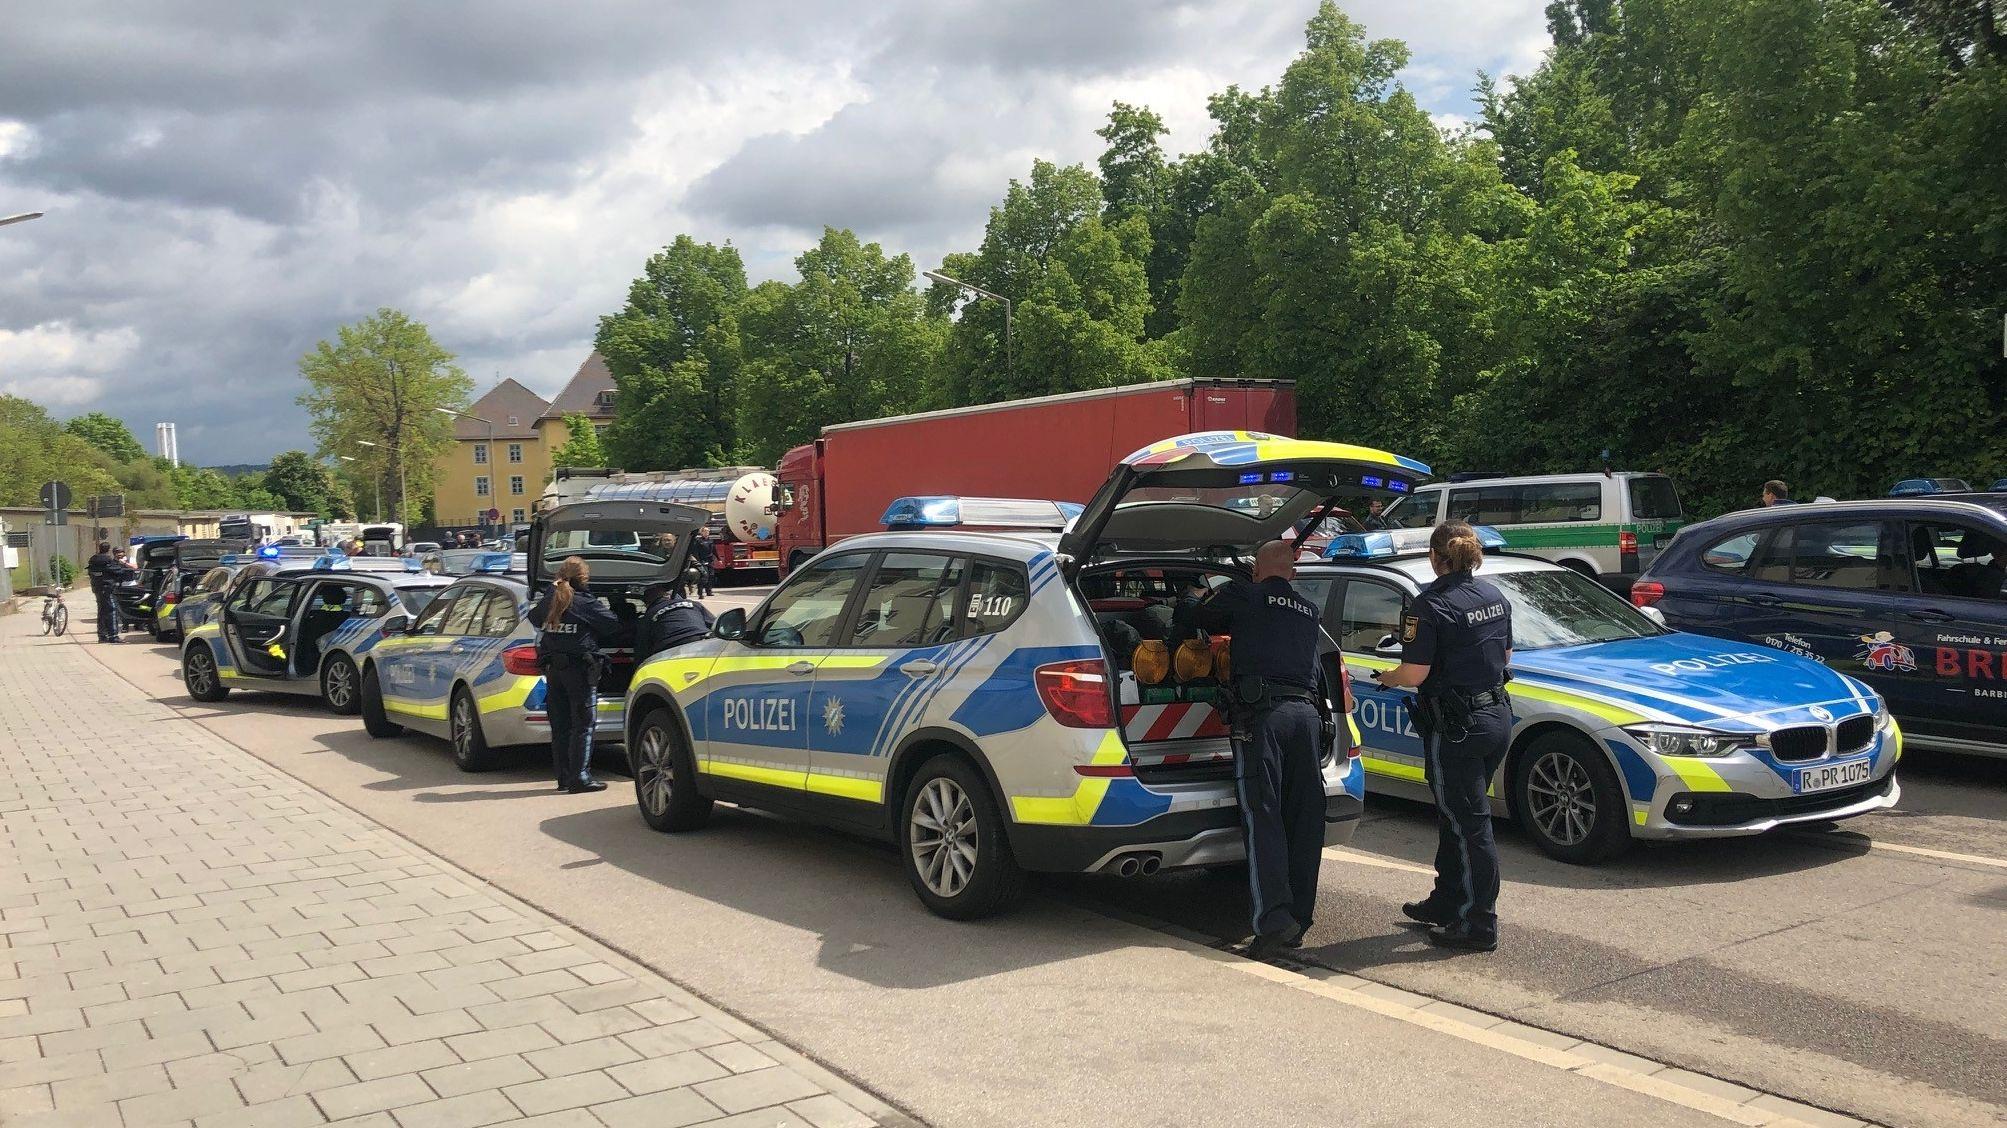 Großaufgebot der Polizei Regensburg